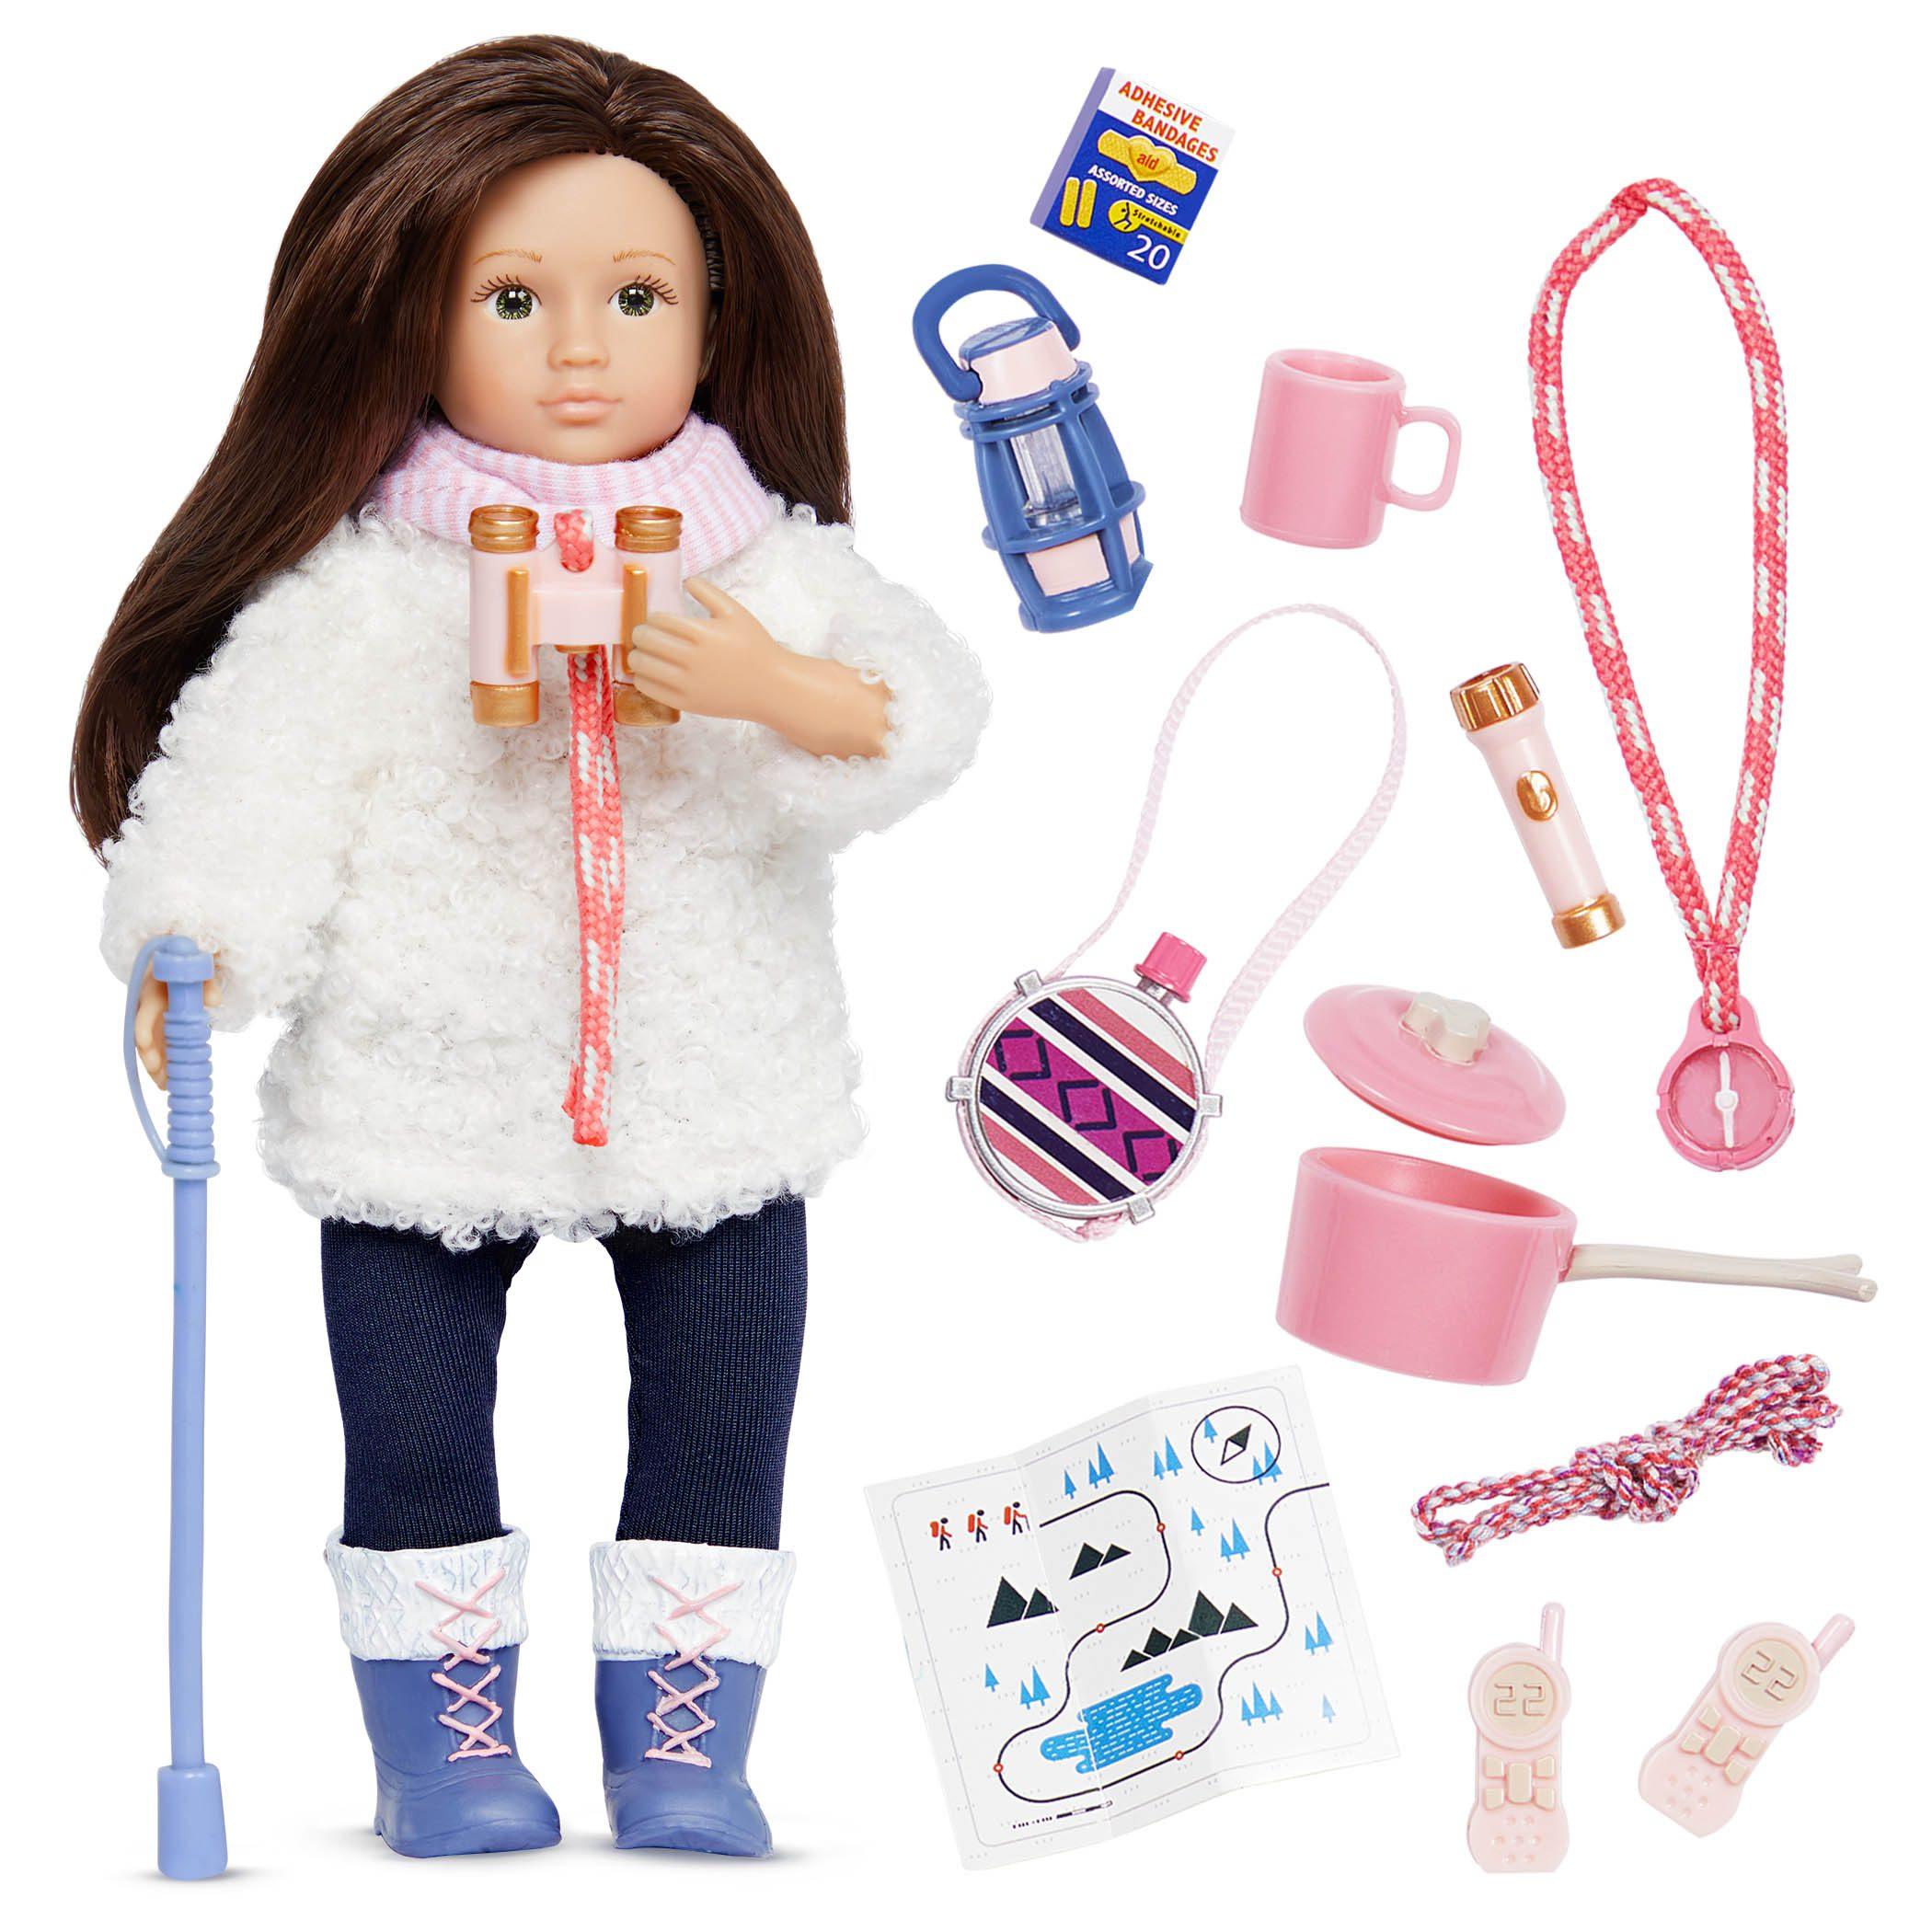 Farah's Hiking Set | 6-inch Doll & Accessories | Lori